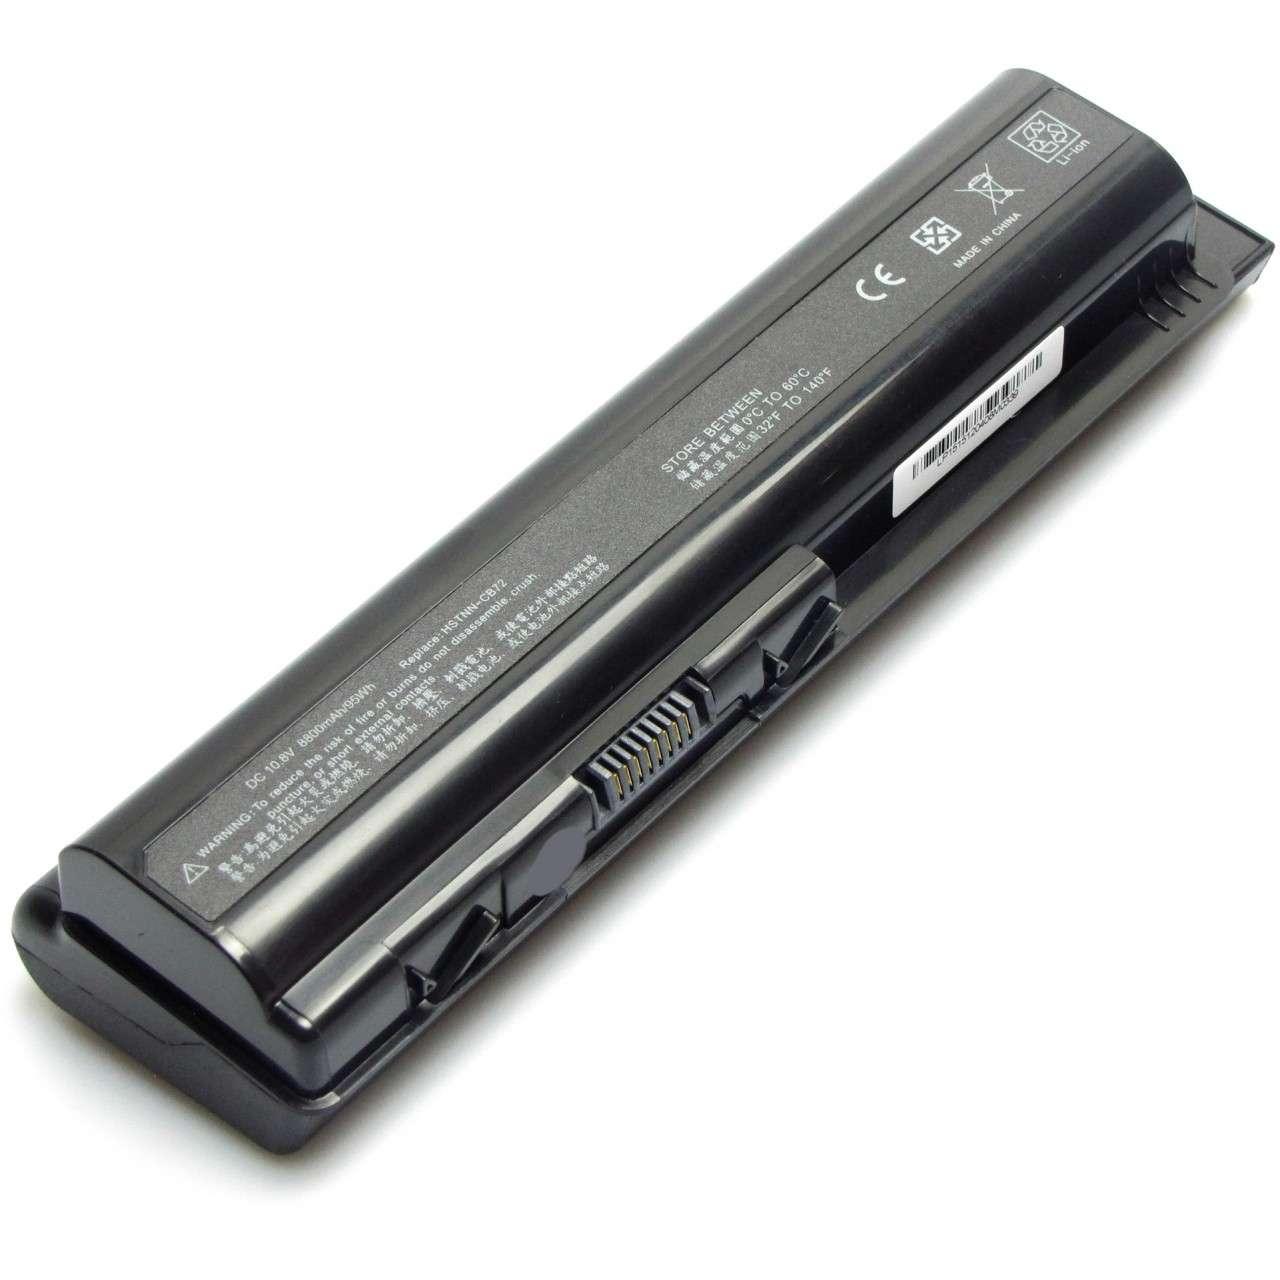 Baterie Compaq Presario CQ40 650 12 celule imagine powerlaptop.ro 2021